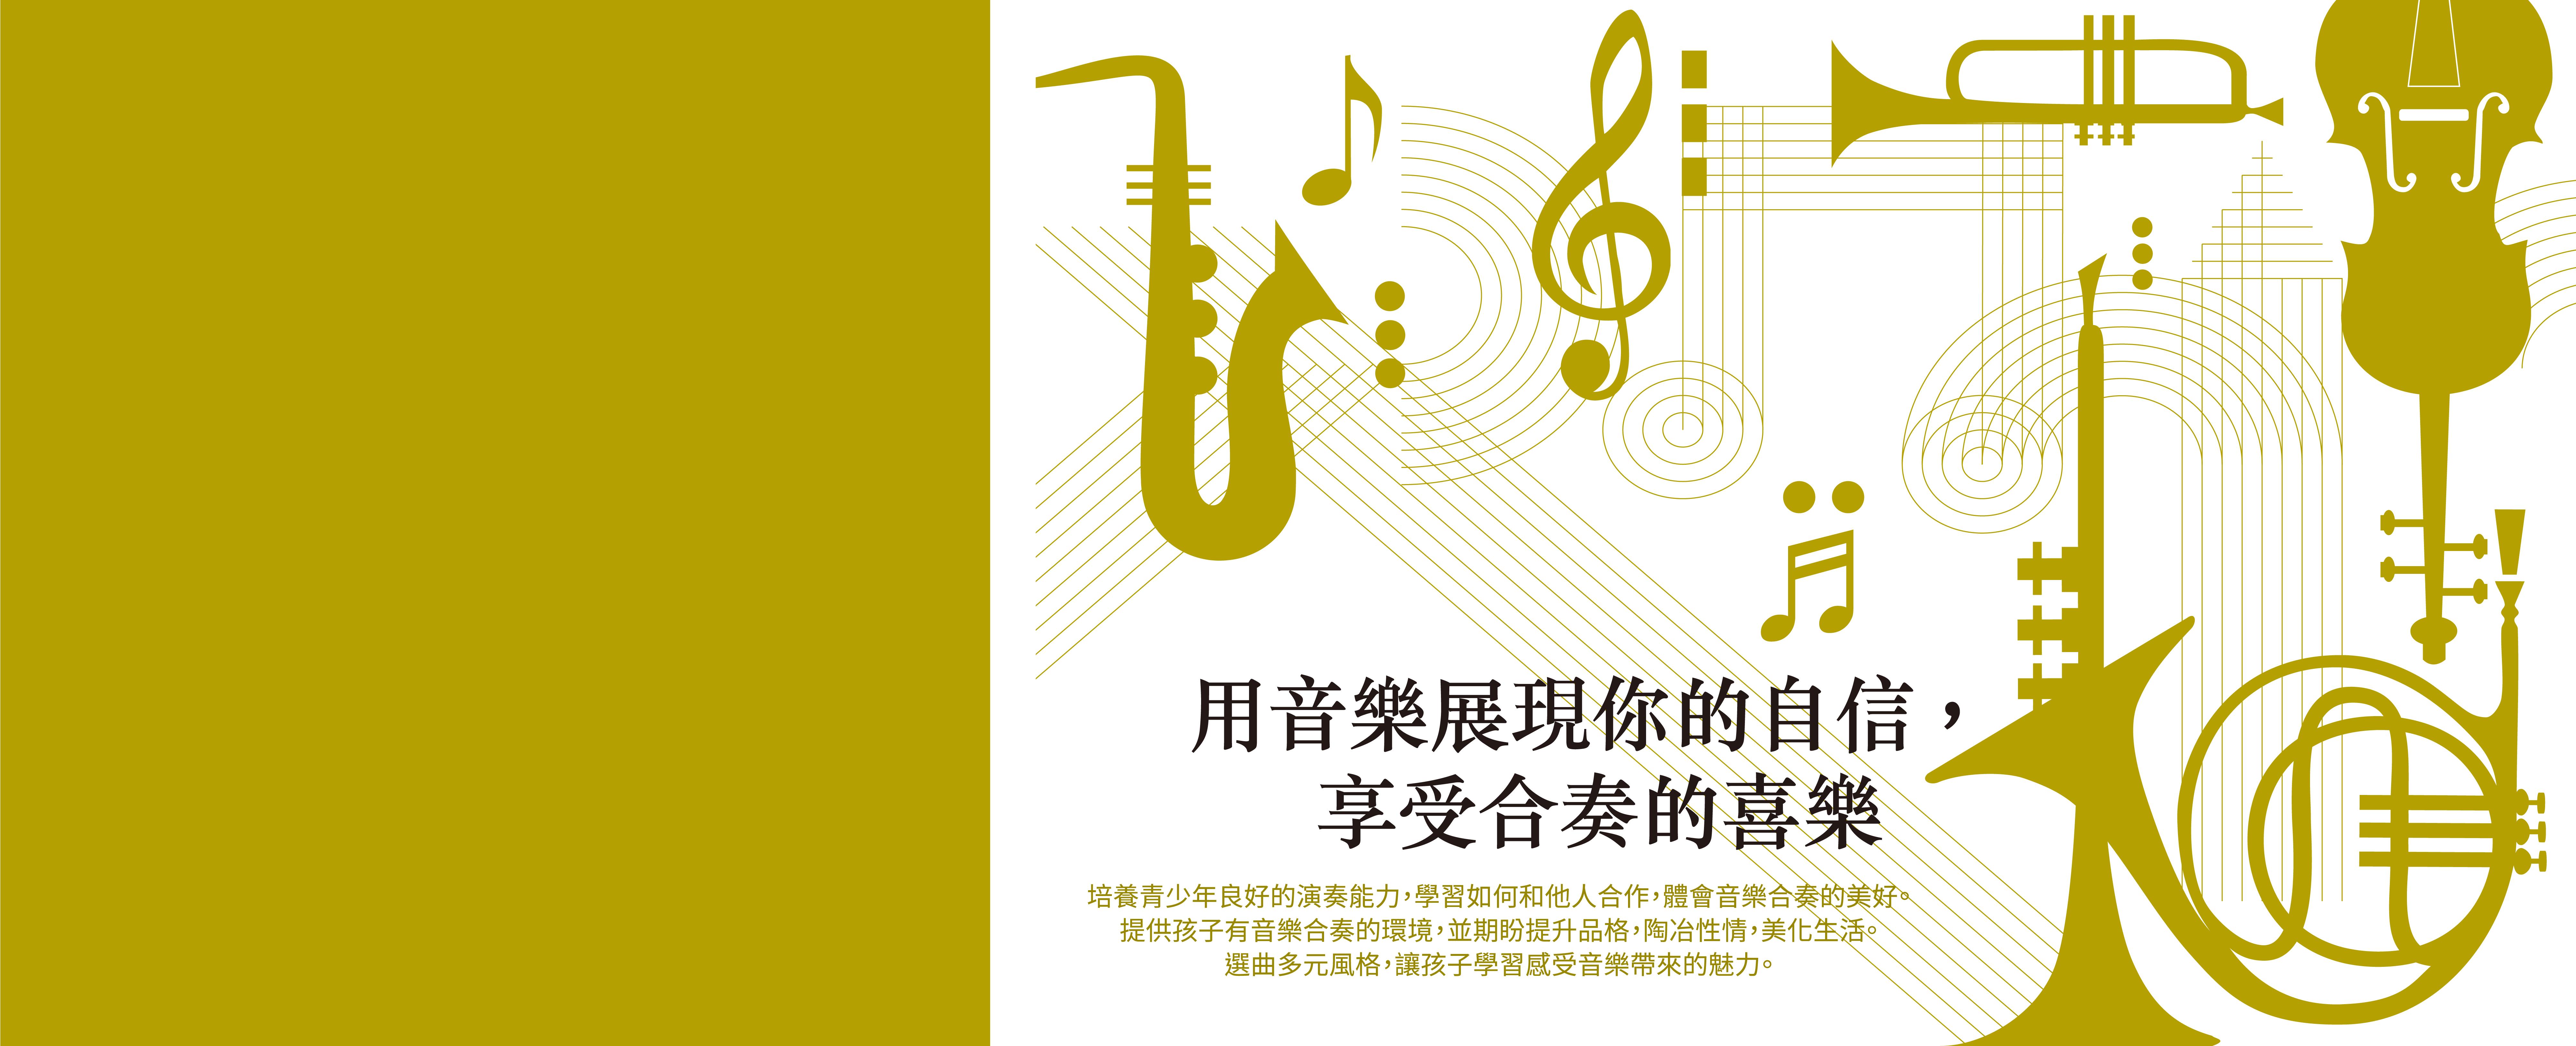 飛揚青少年管弦樂團